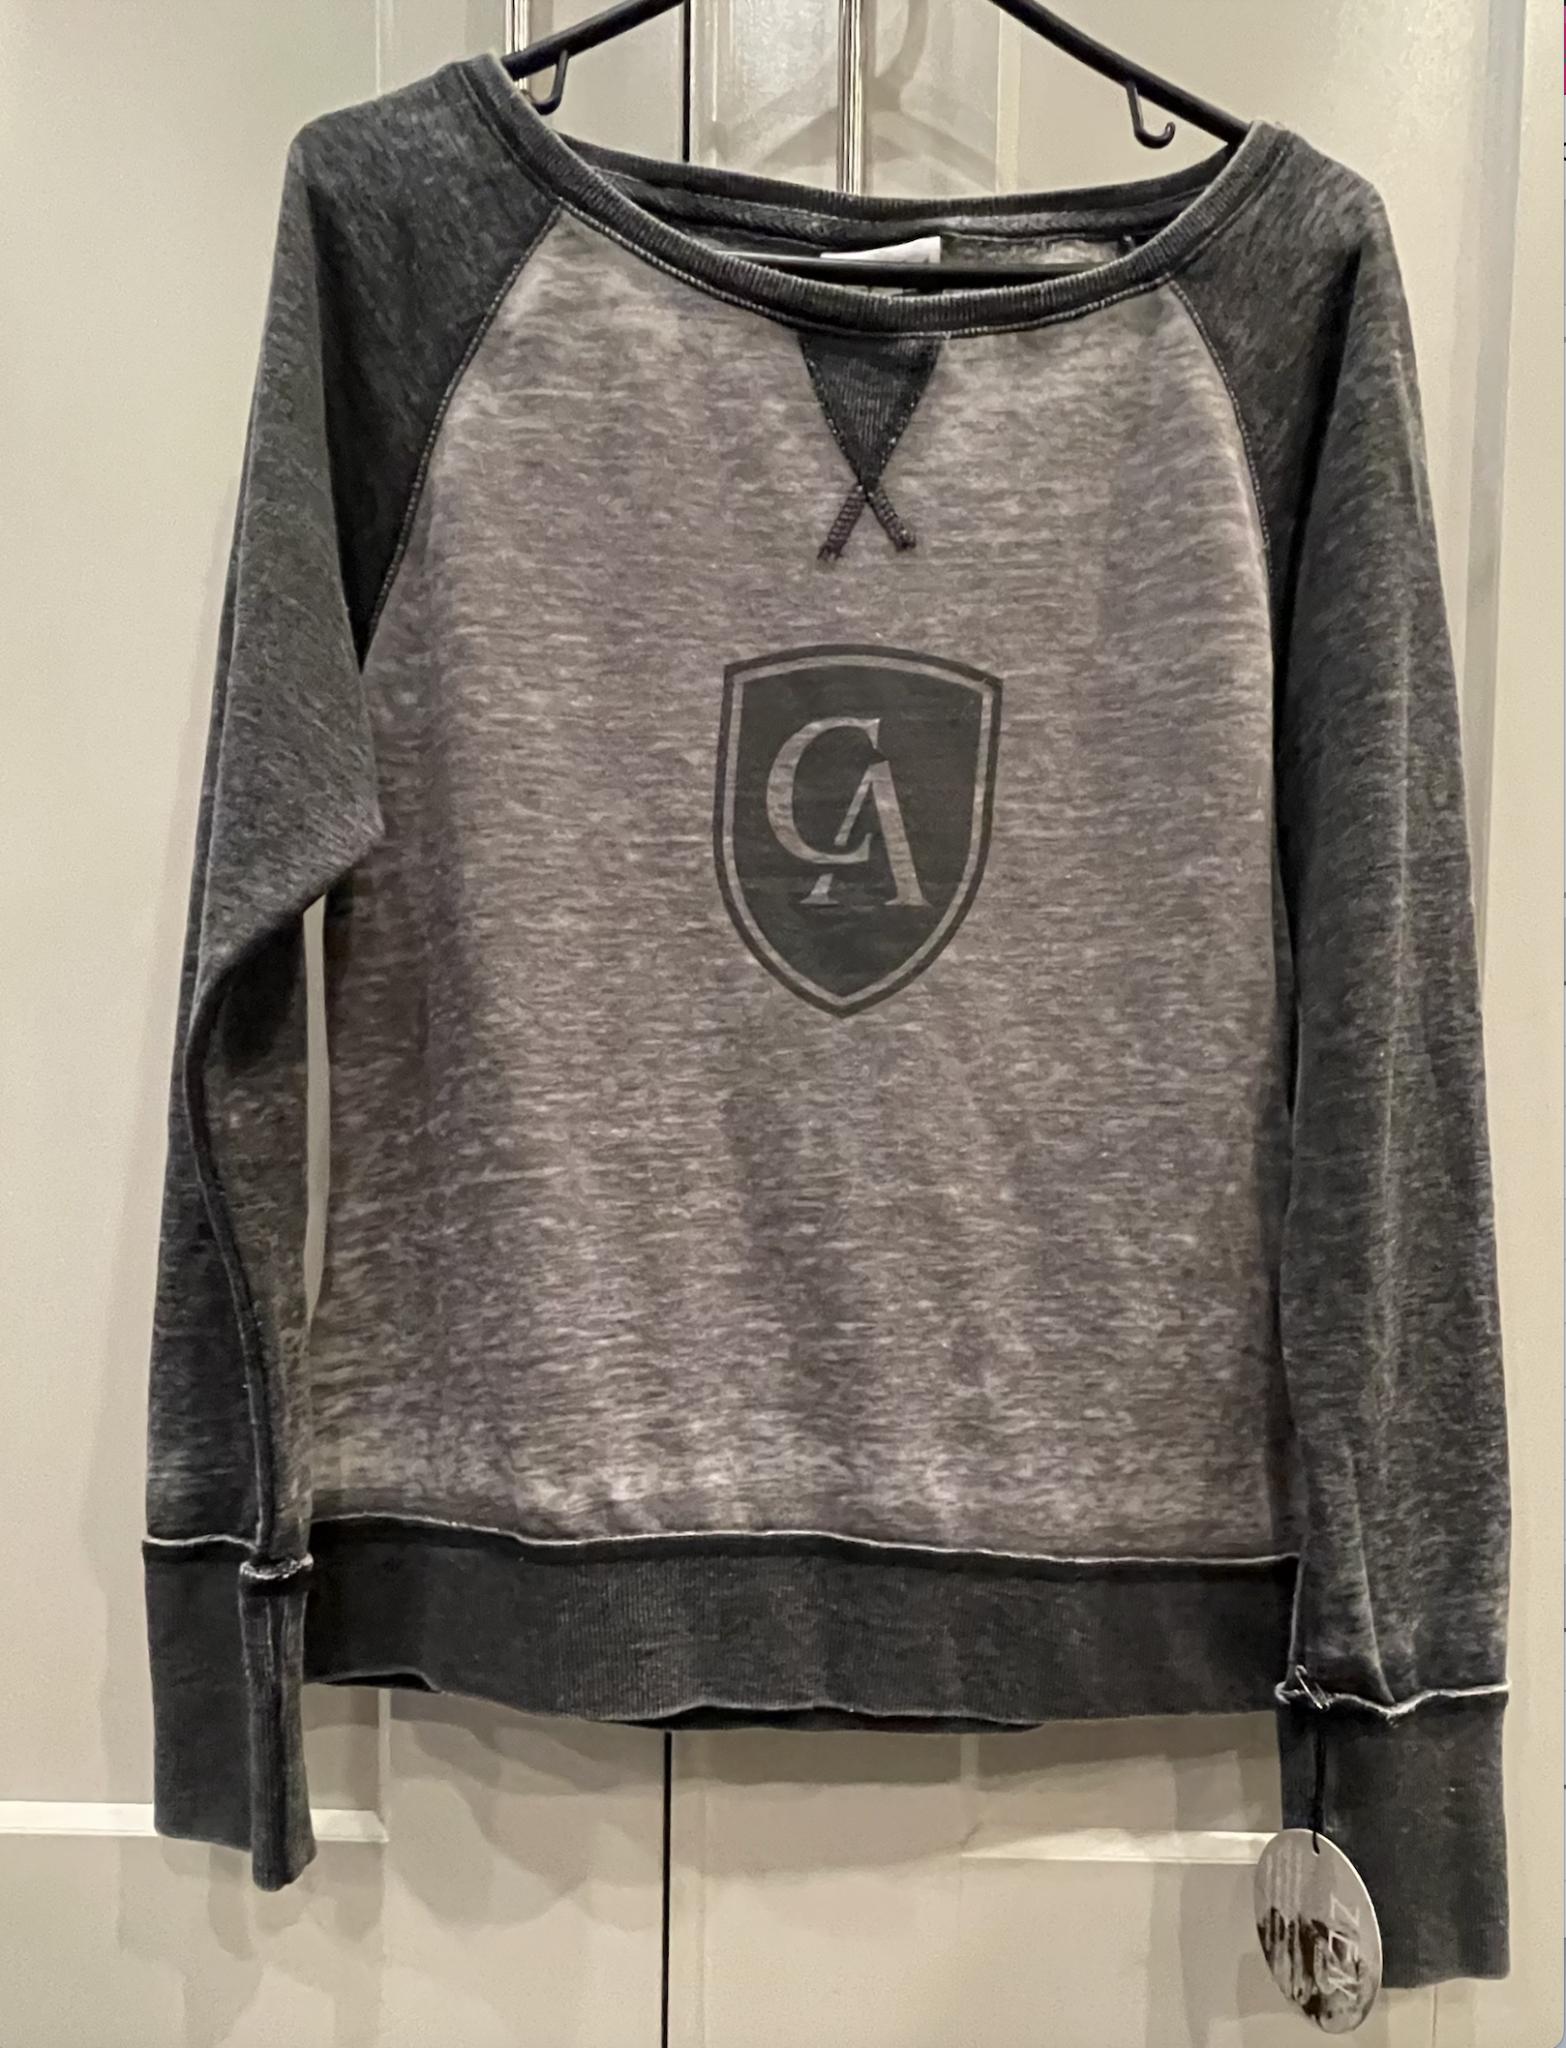 J. America Women's Zen Fleece Raglan Sweatshirt